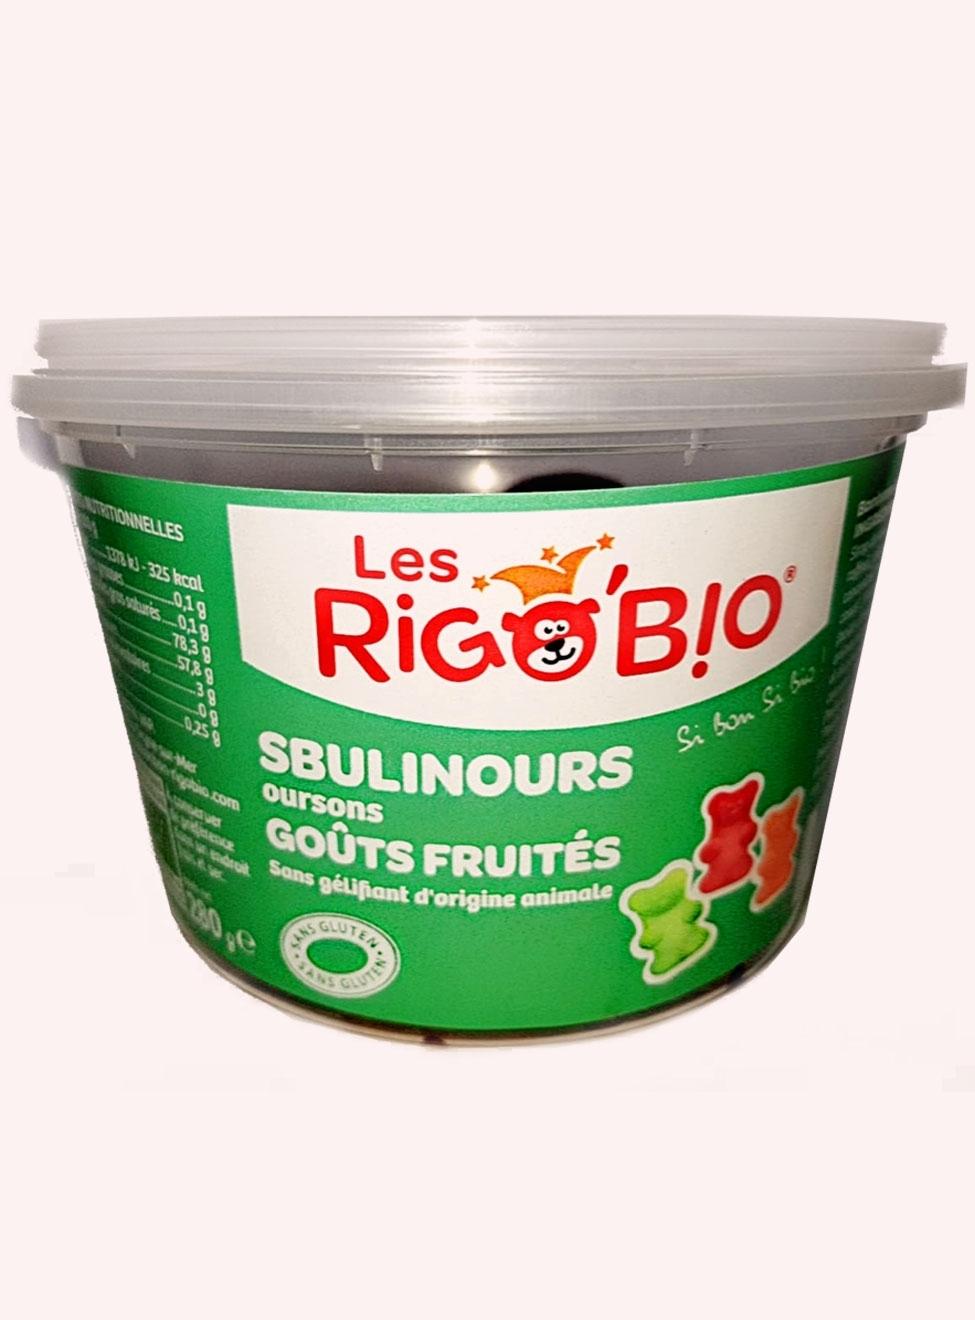 RIGOBIO Sbulinours VEGAN en pot - réf.2811